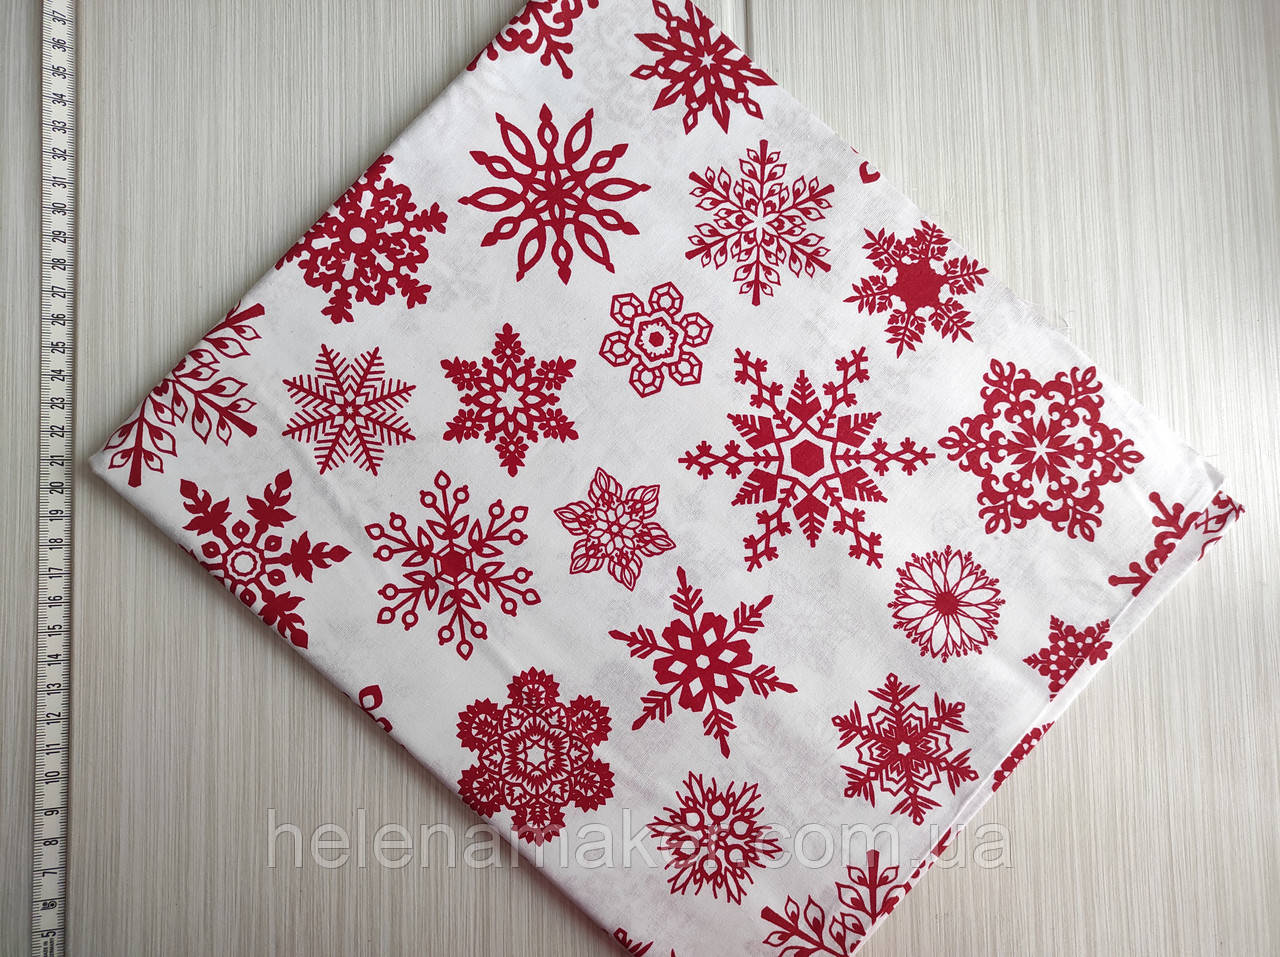 Бавовняна тканина з новорічним малюнком Білі сніжинки на червоному тлі. Відріз 40*50 см